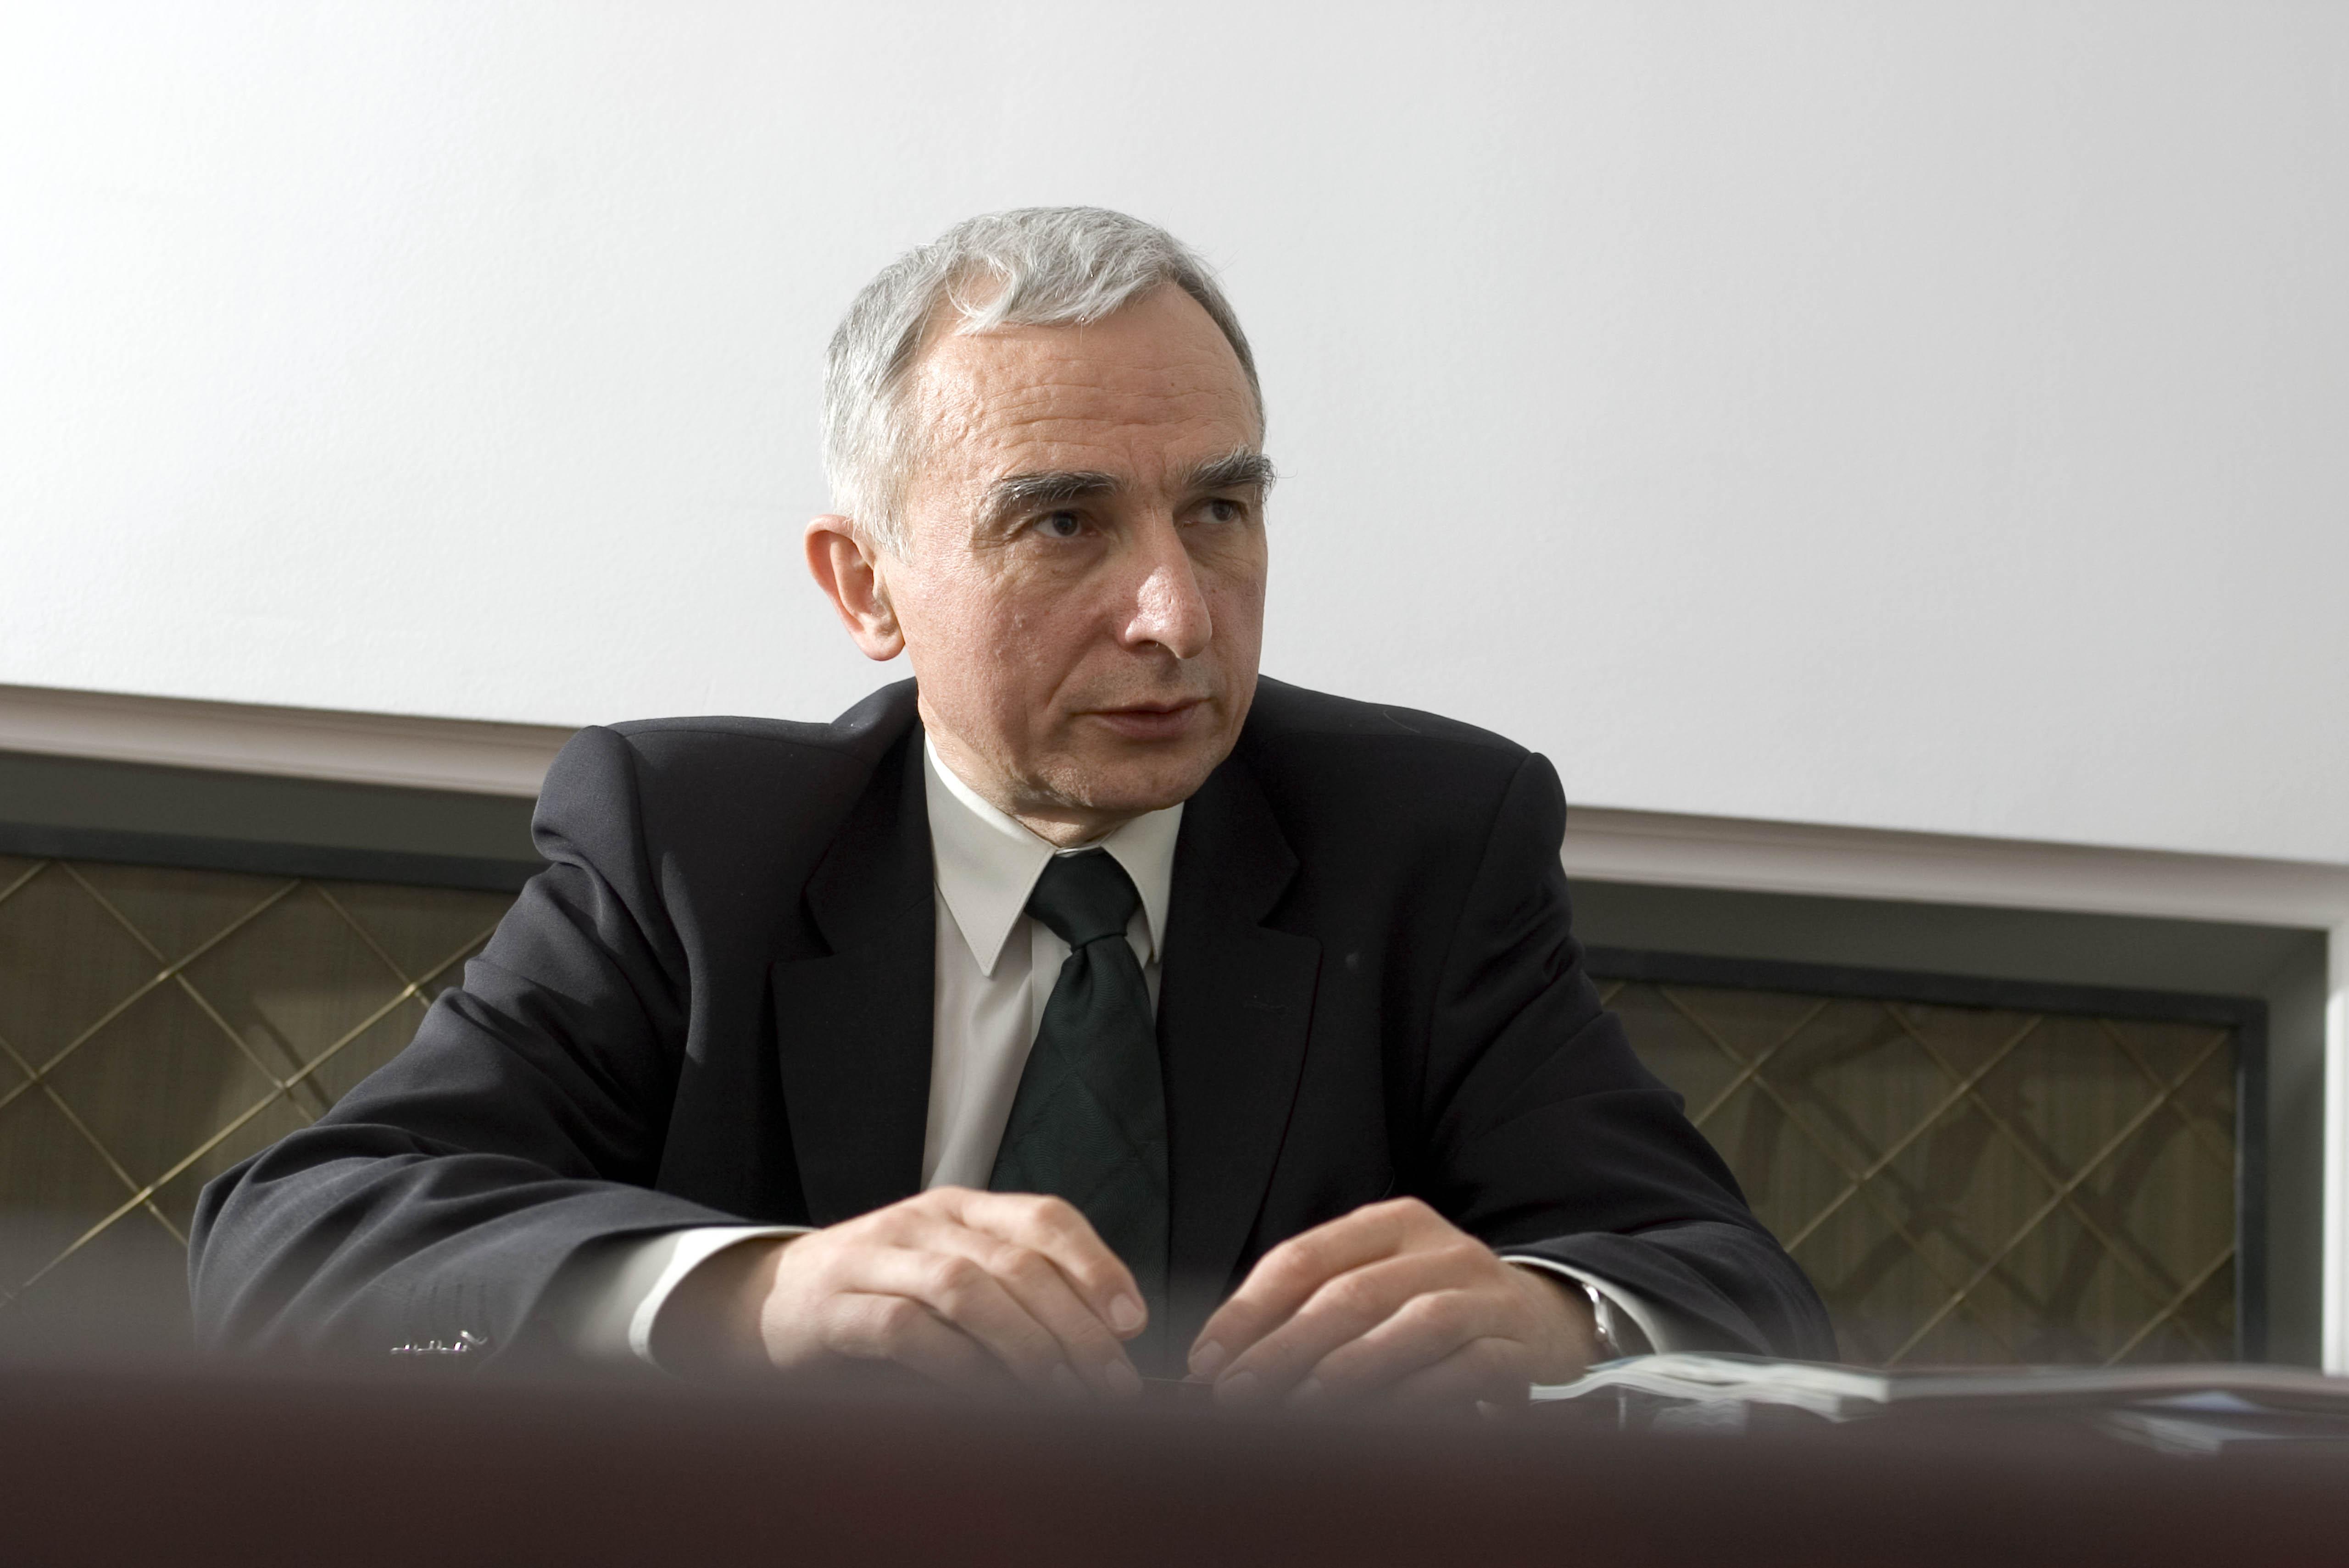 Pełnomocnik rządu ds. strategicznej infrastruktury energetycznej wiceminister Piotr Naimski.